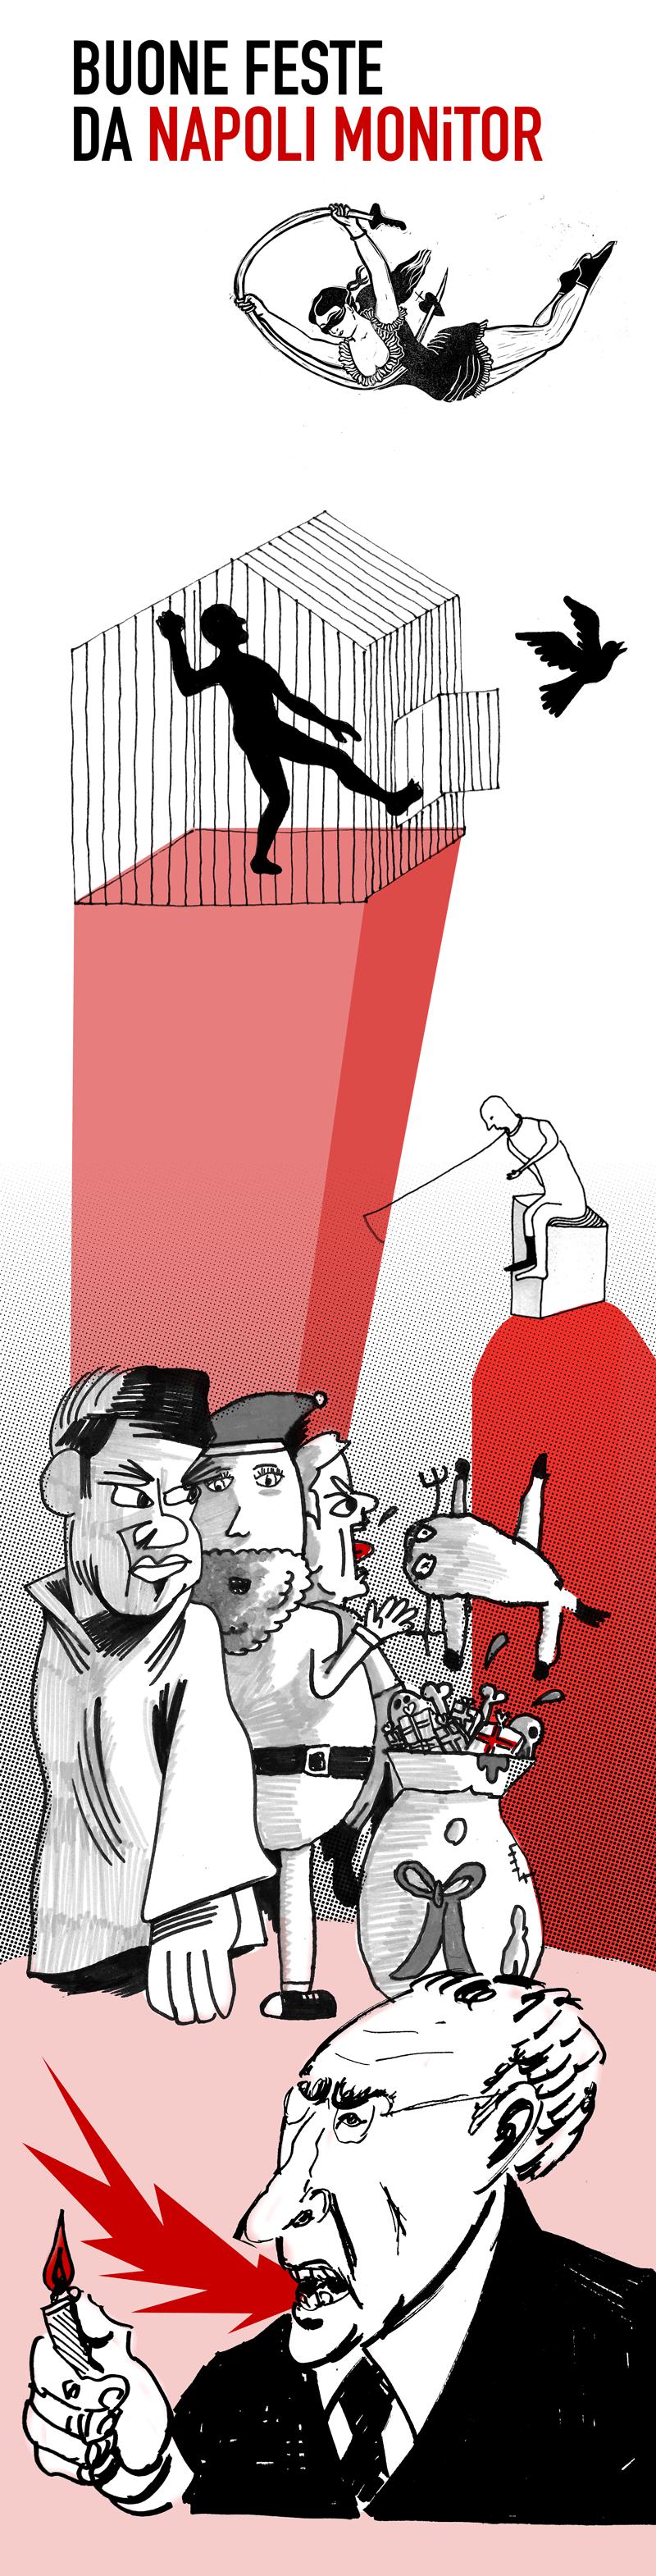 (disegno di cyop&kaf, malov, miedo& ottoeffe, sam3)